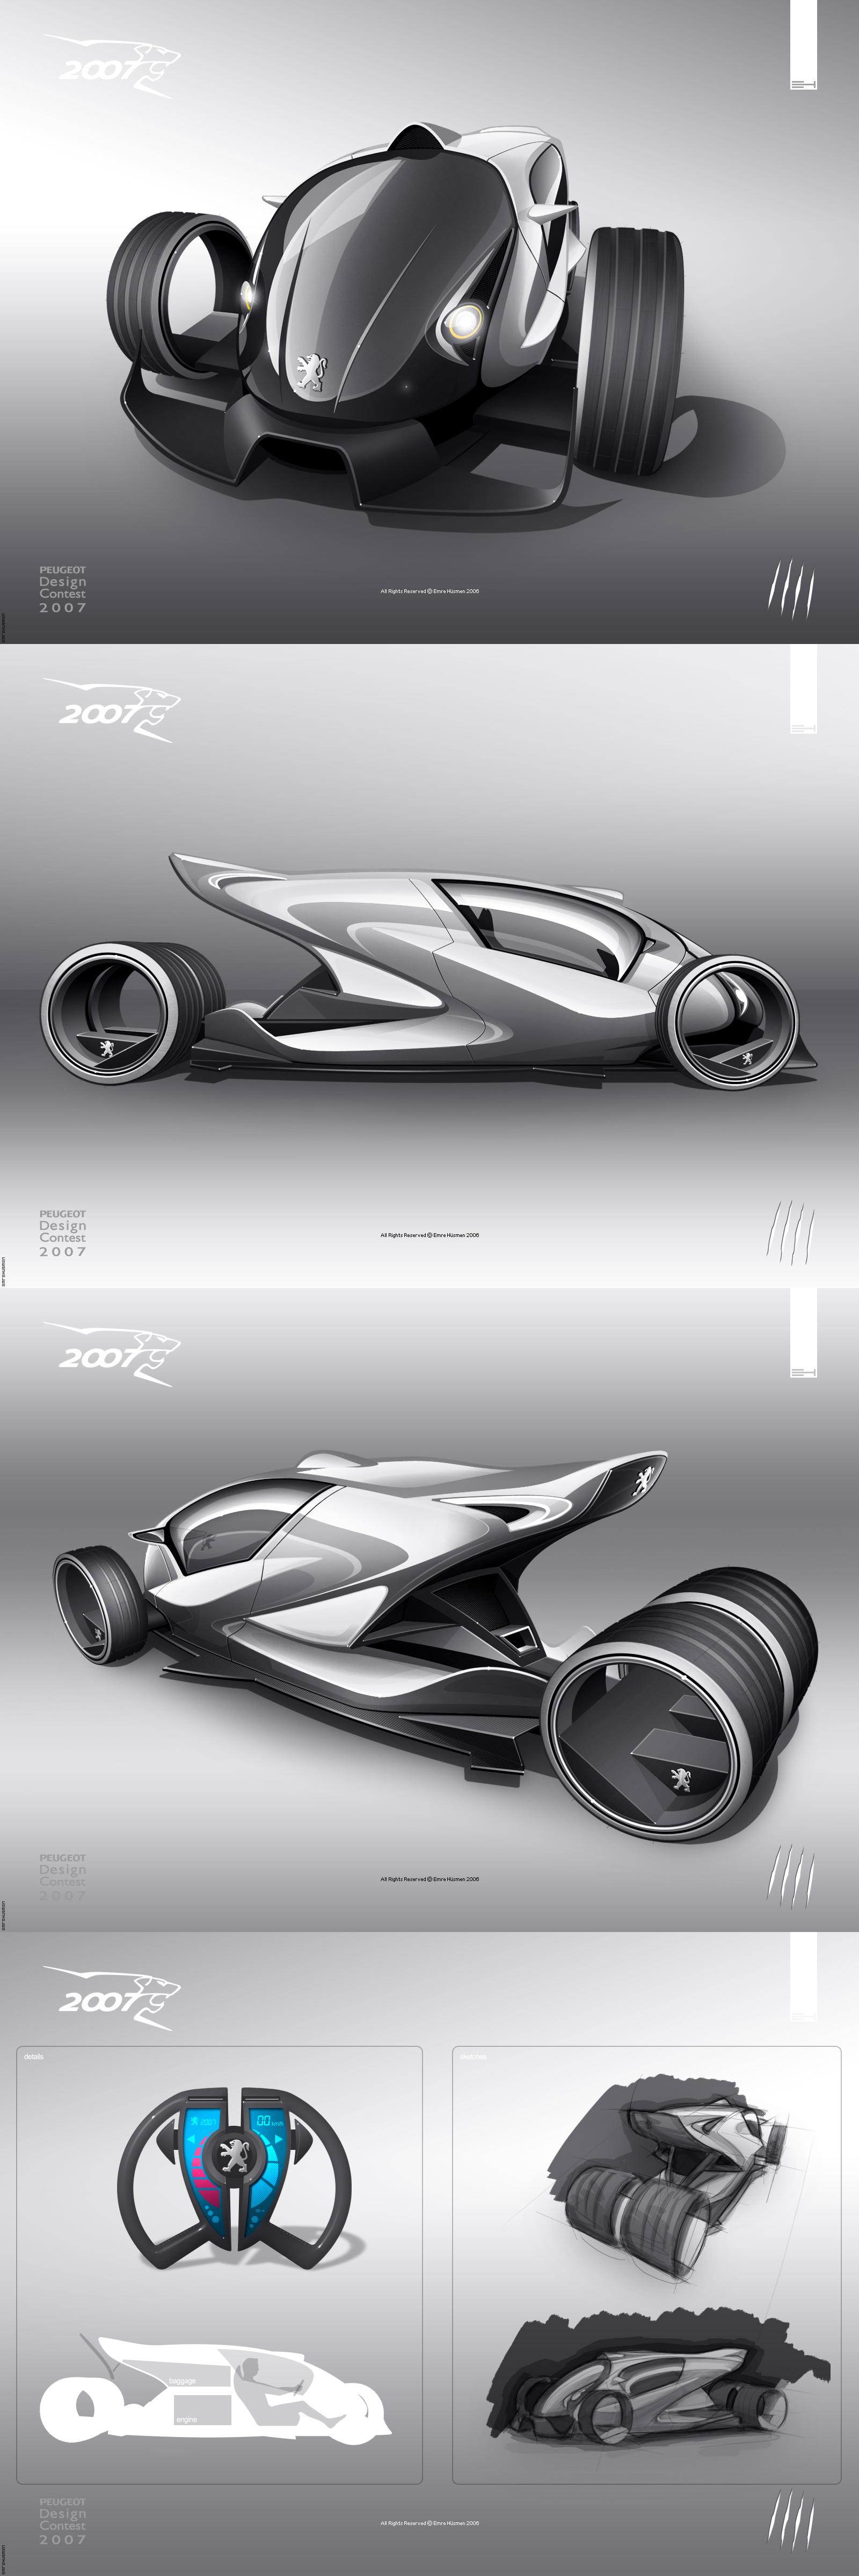 Peugeot 2007 - contest project by emrEHusmen